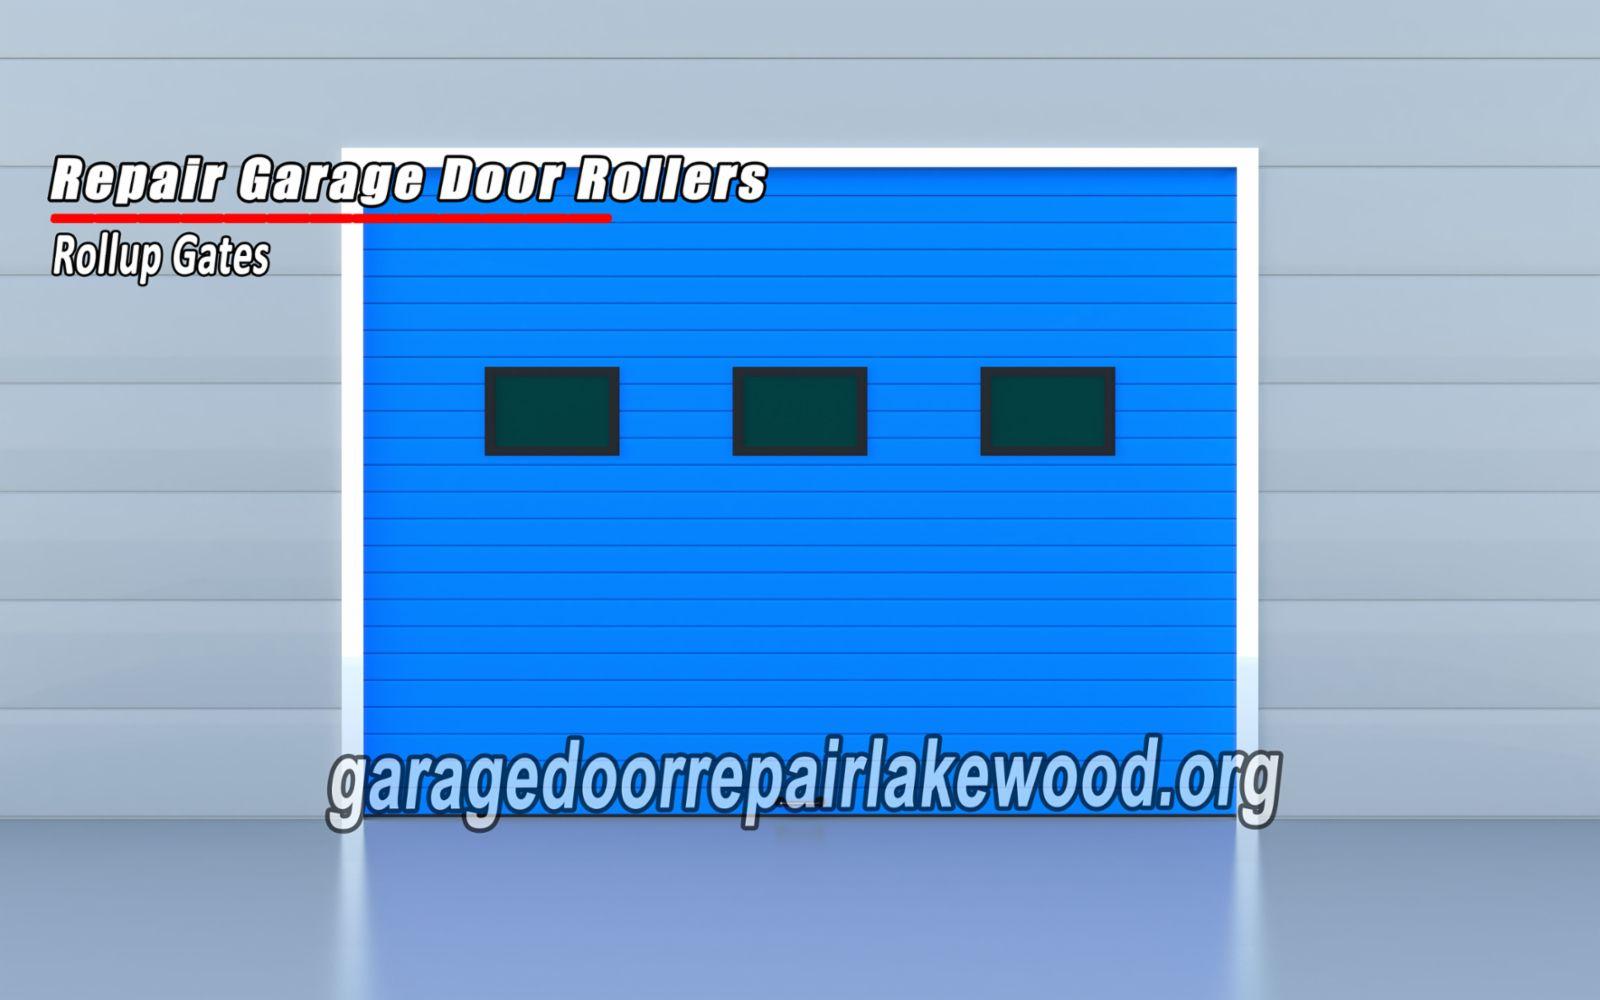 Garage door repair installation in denver co lakewood for Garage door repair lakewood